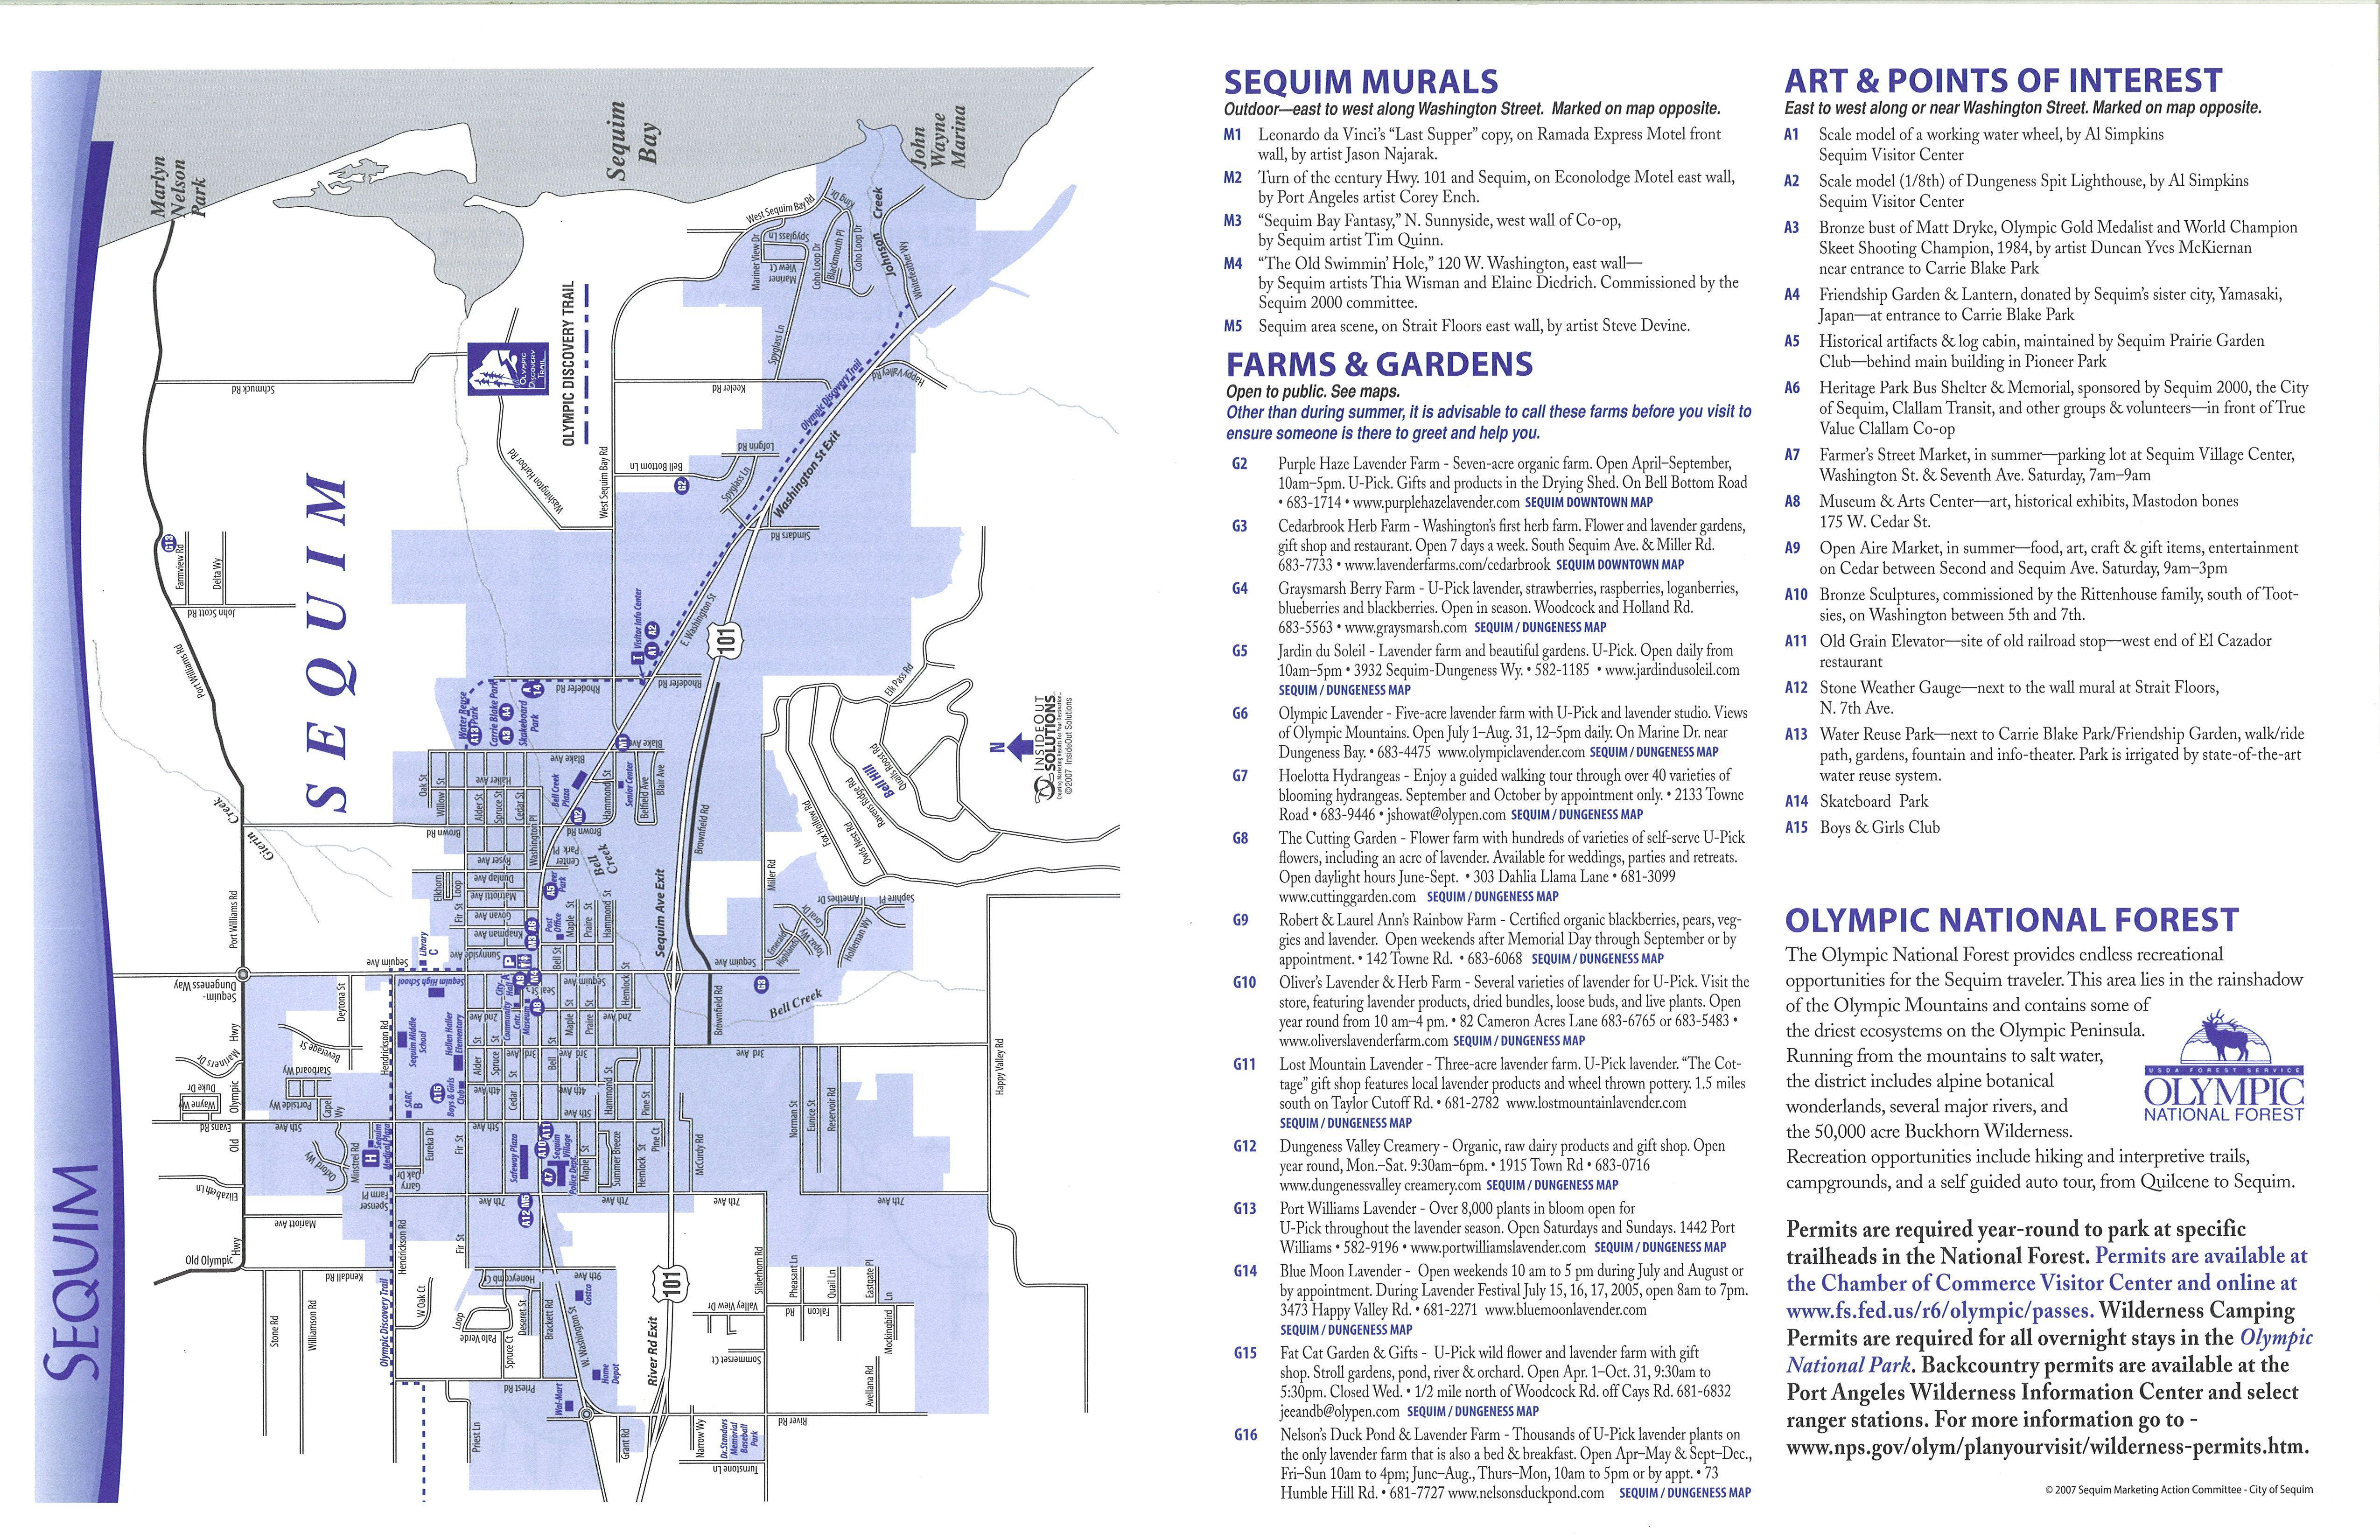 Sequim, WA Map | OLYMPIC PENINSULA in 2019 on eltopia wa map, amanda park wa map, bellevue on a map, edmonds wa map, port townsend map, salem wa map, port orchard wa map, sequim google map, port angeles map, blyn wa map, sequim street map, sequim city map, olympic peninsula map, sequim washington on map, kingston wa map, husum wa map, lake sutherland wa map, benge wa map, south everett wa map, malo wa map,